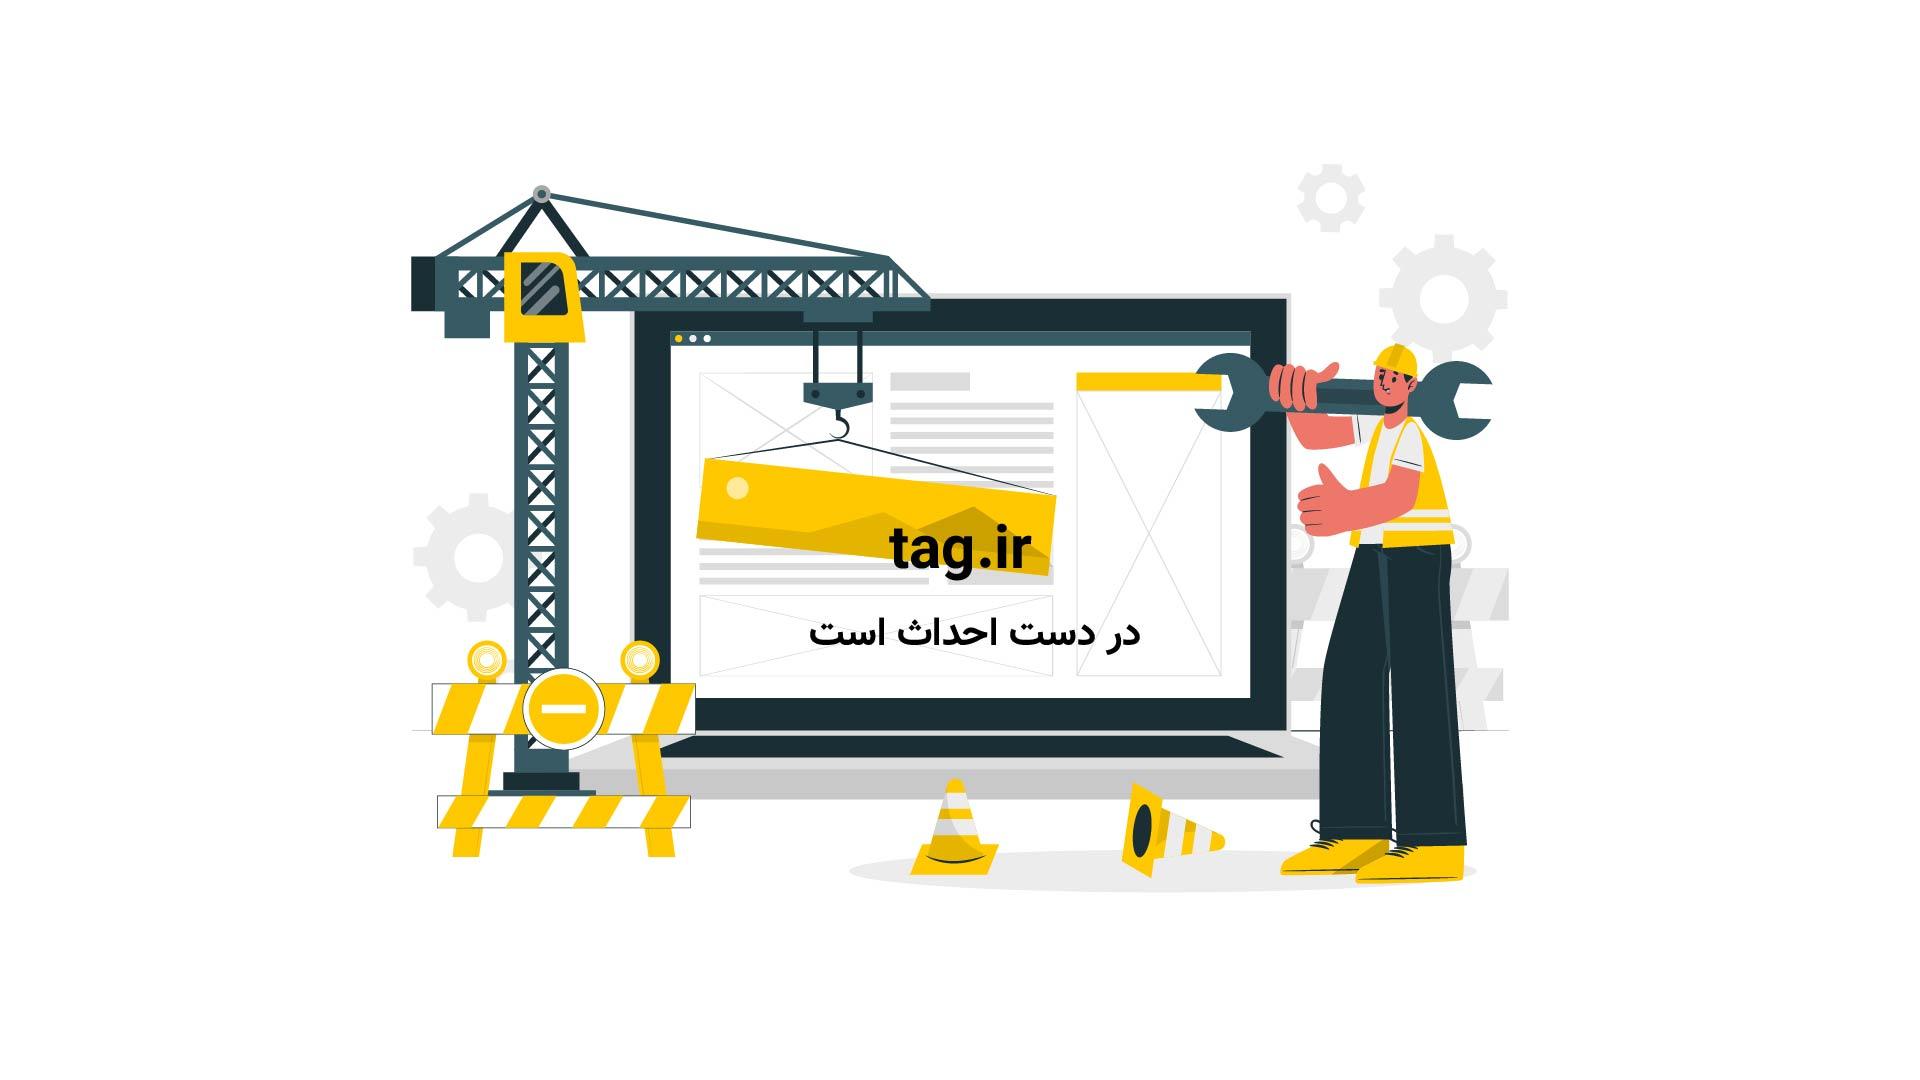 گاو میشهای وحشی در پارک ملی کانادا | فیلم